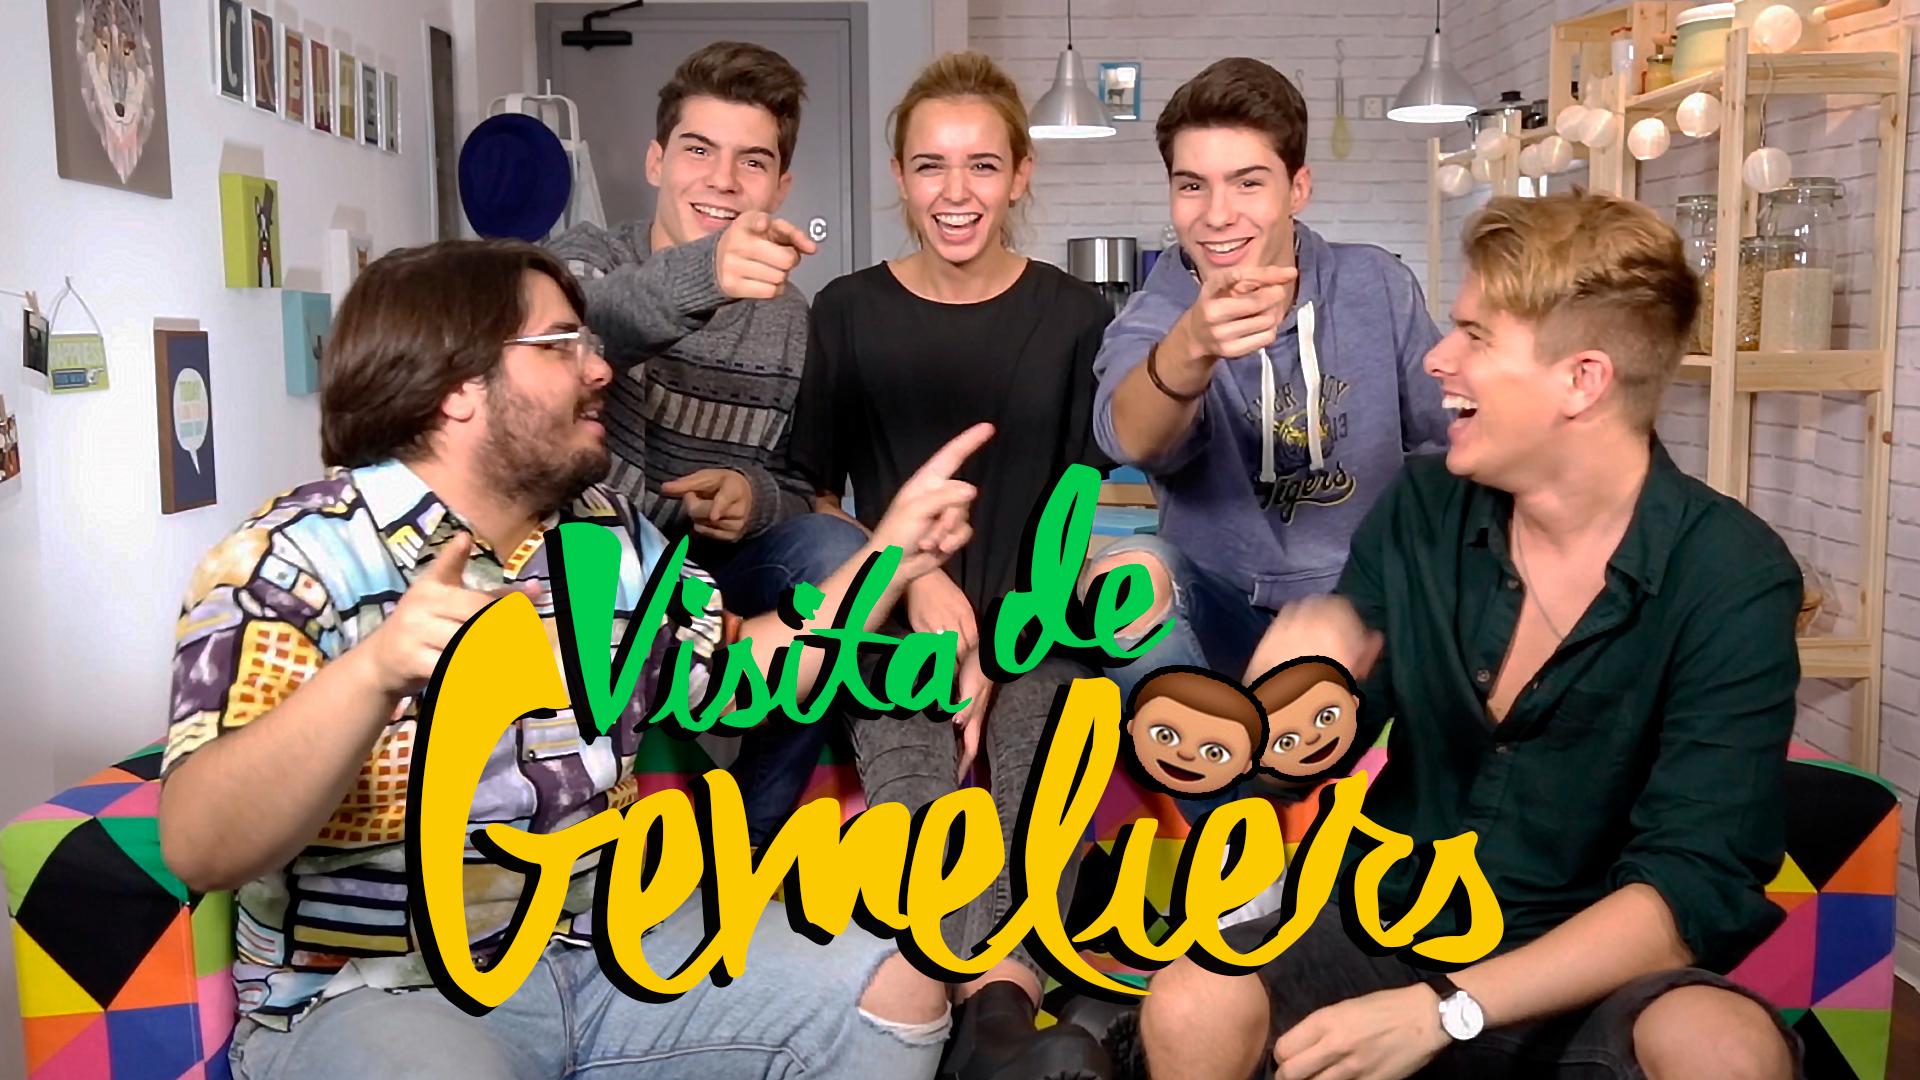 Temporada 1 Diferencias, anécdotas y 'haters' de Gemeliers